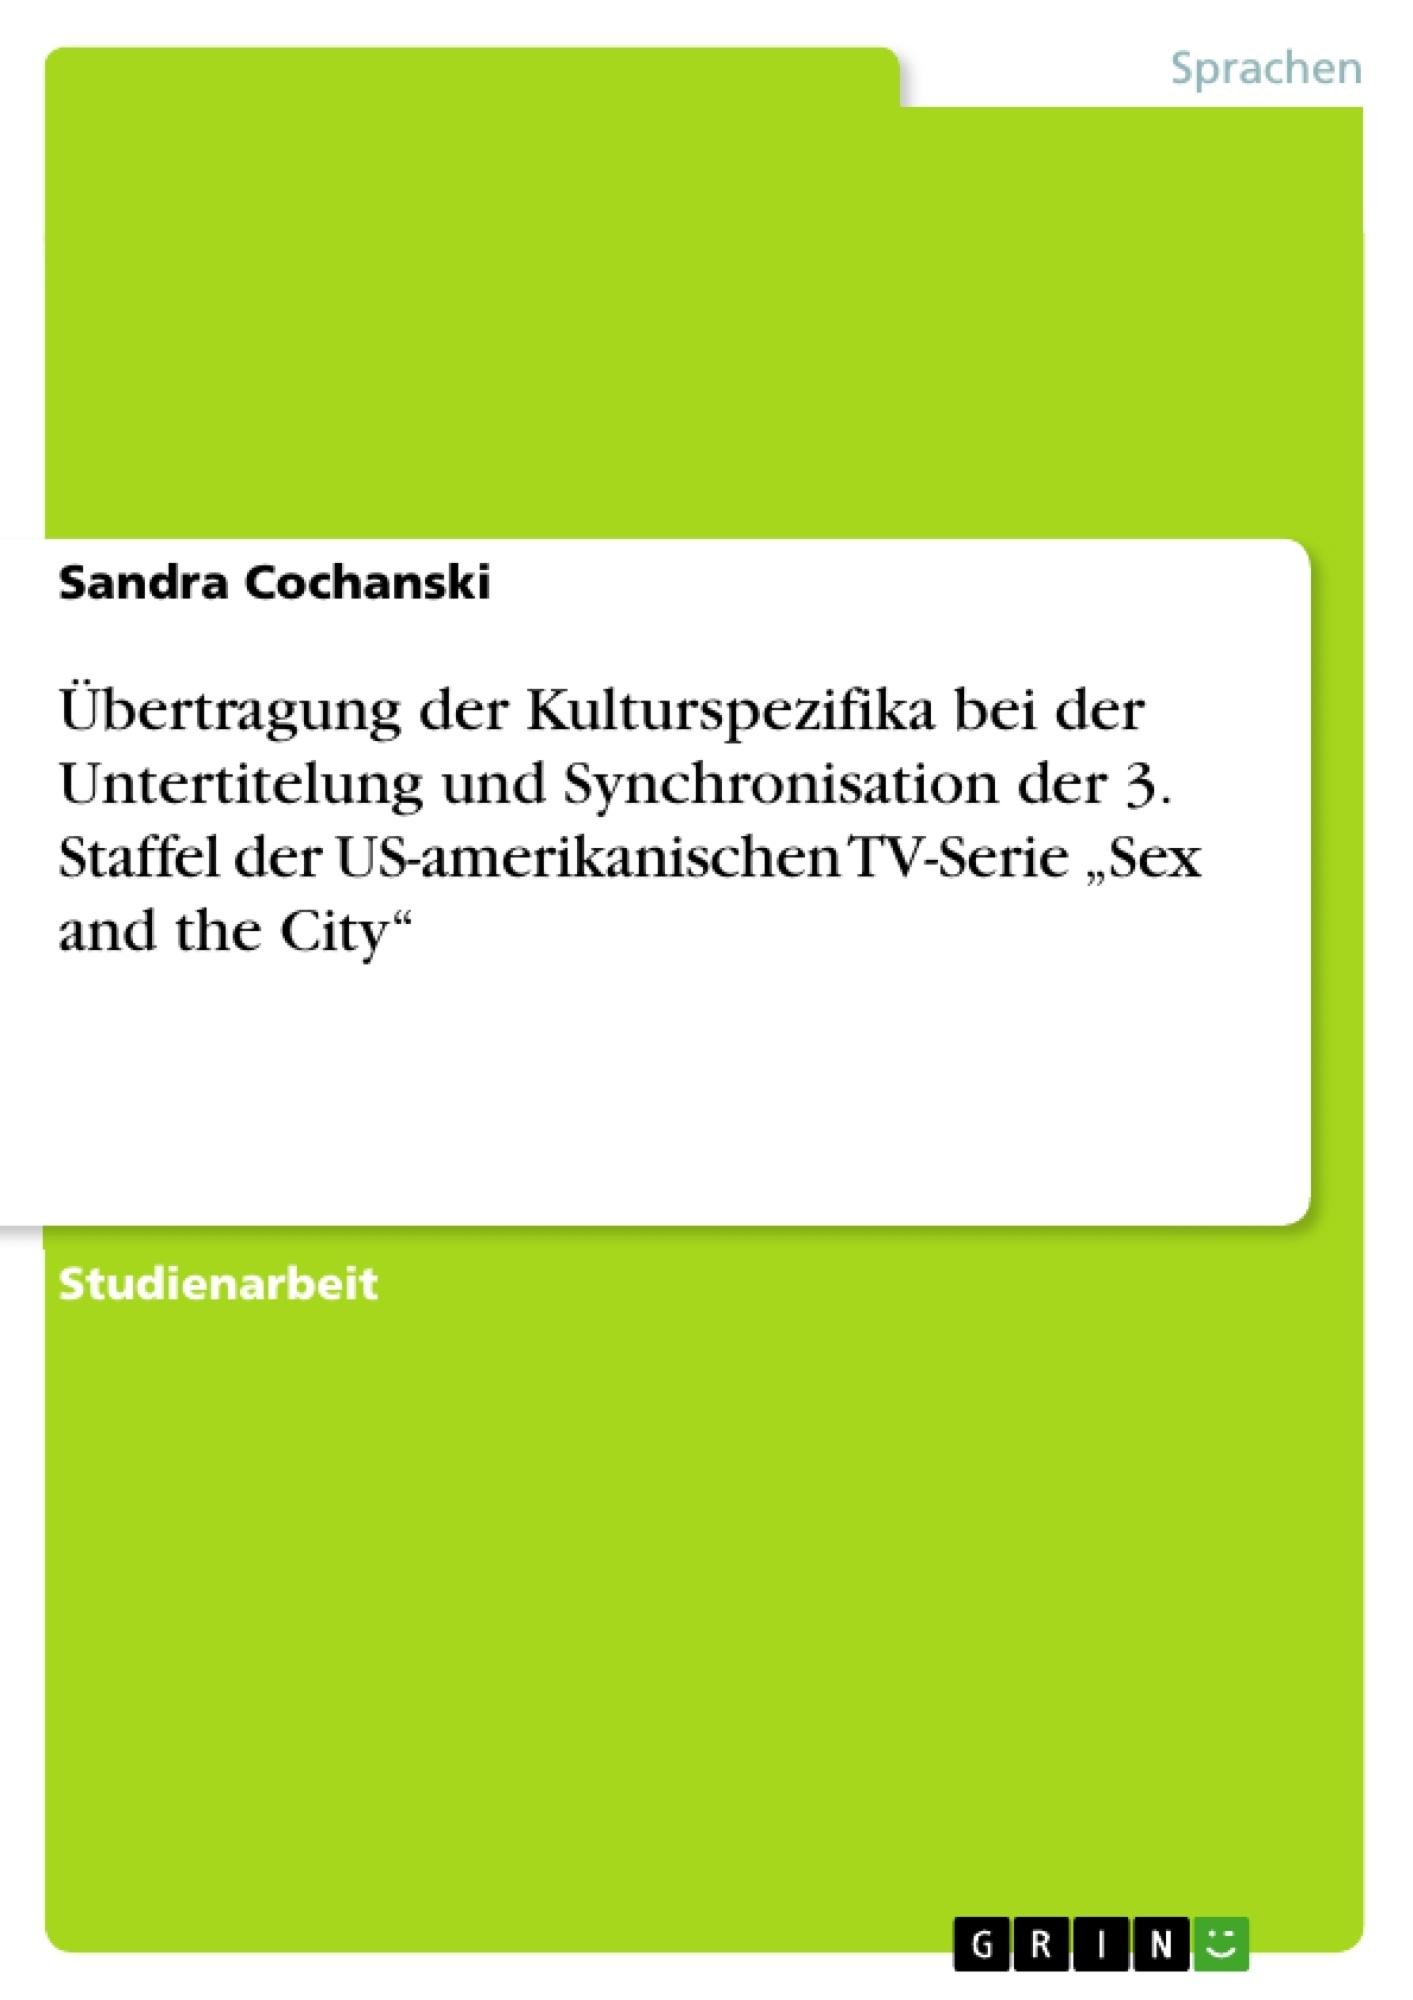 """Titel: Übertragung der Kulturspezifika bei der Untertitelung und Synchronisation der 3. Staffel der US-amerikanischen TV-Serie """"Sex and the City"""""""